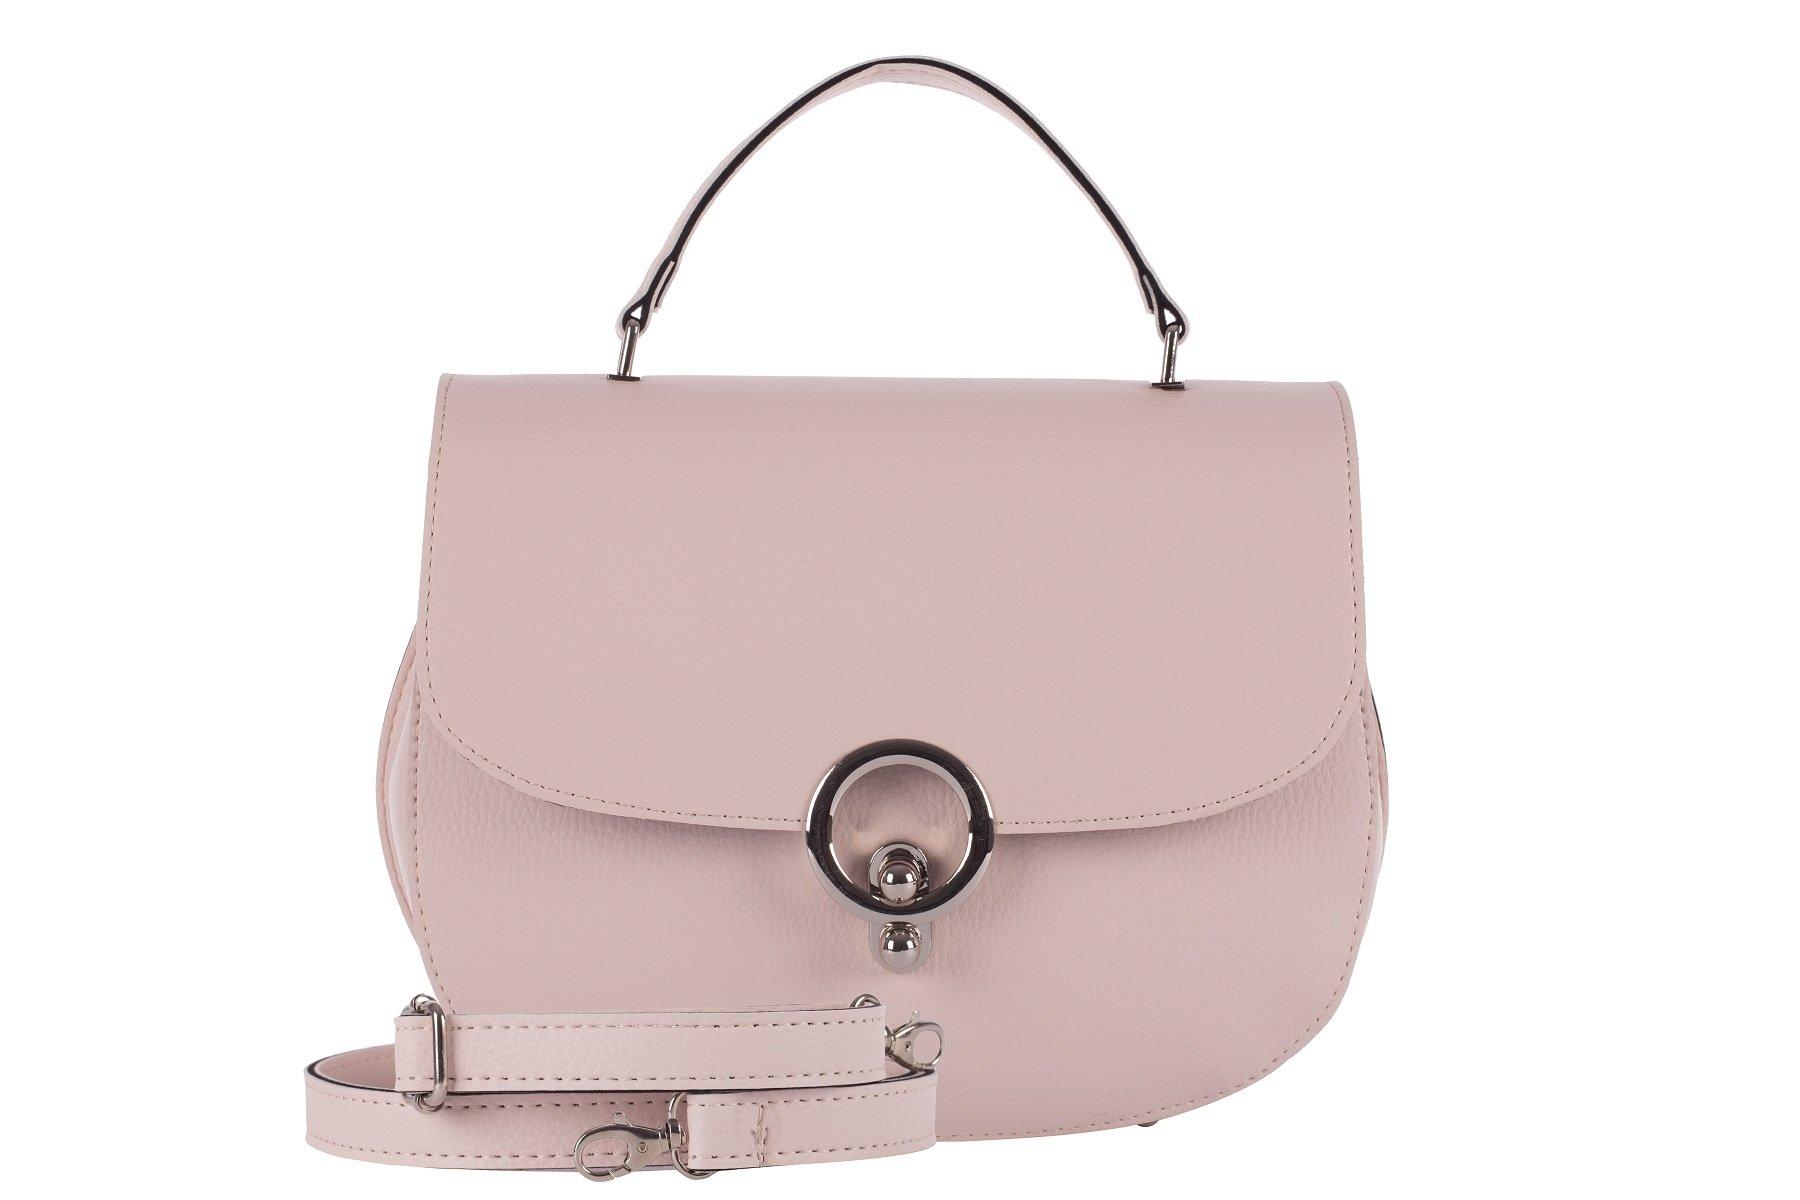 55ee41cdc3fa1 Klasyczna torebka listonoszka kuferek do ręki na ramię - MB CLASSIC BAG